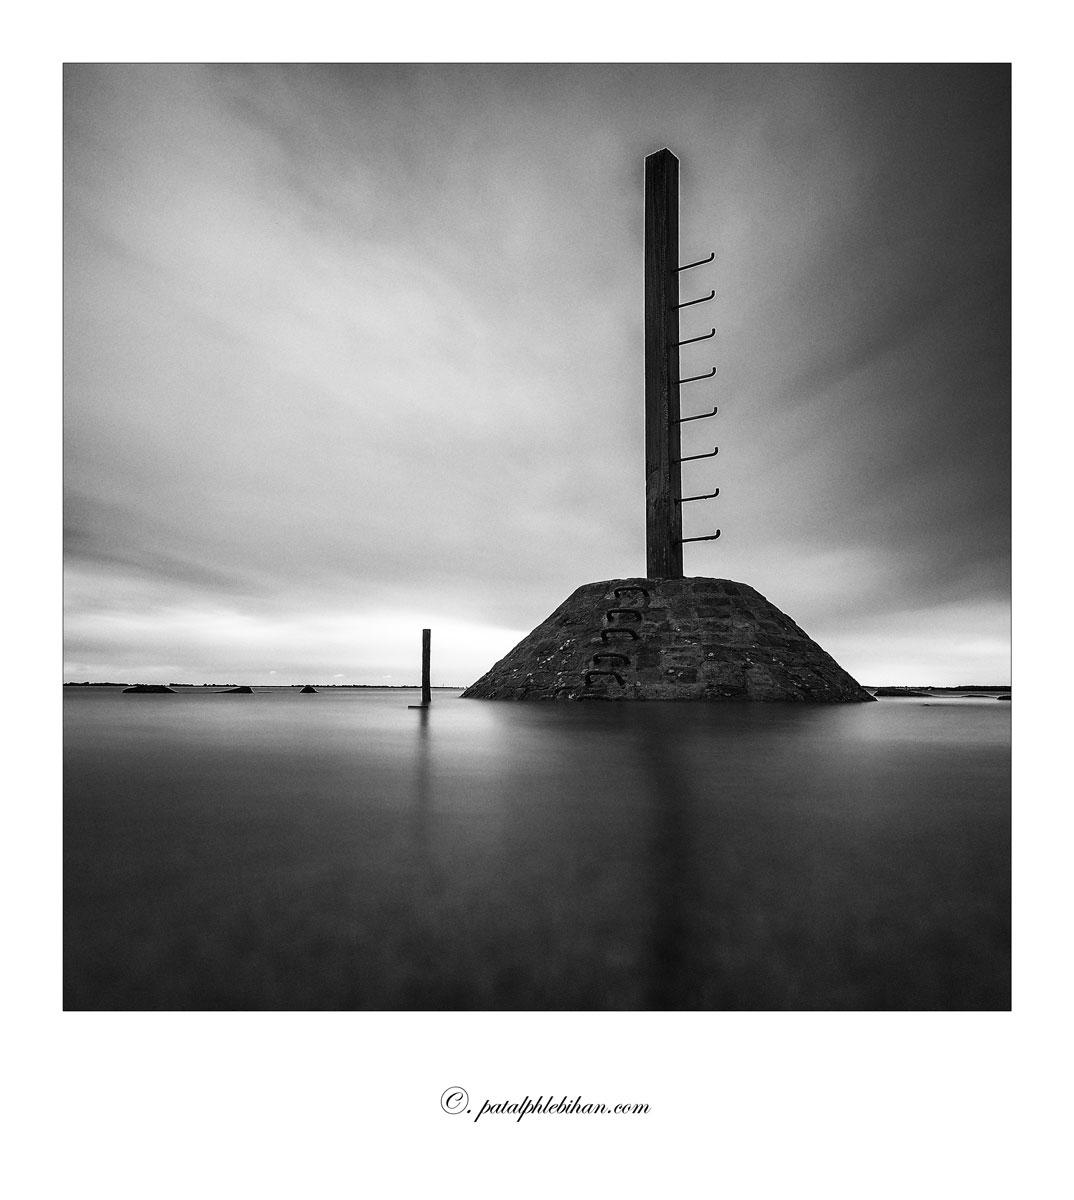 Noirmout_0375-a-nbw